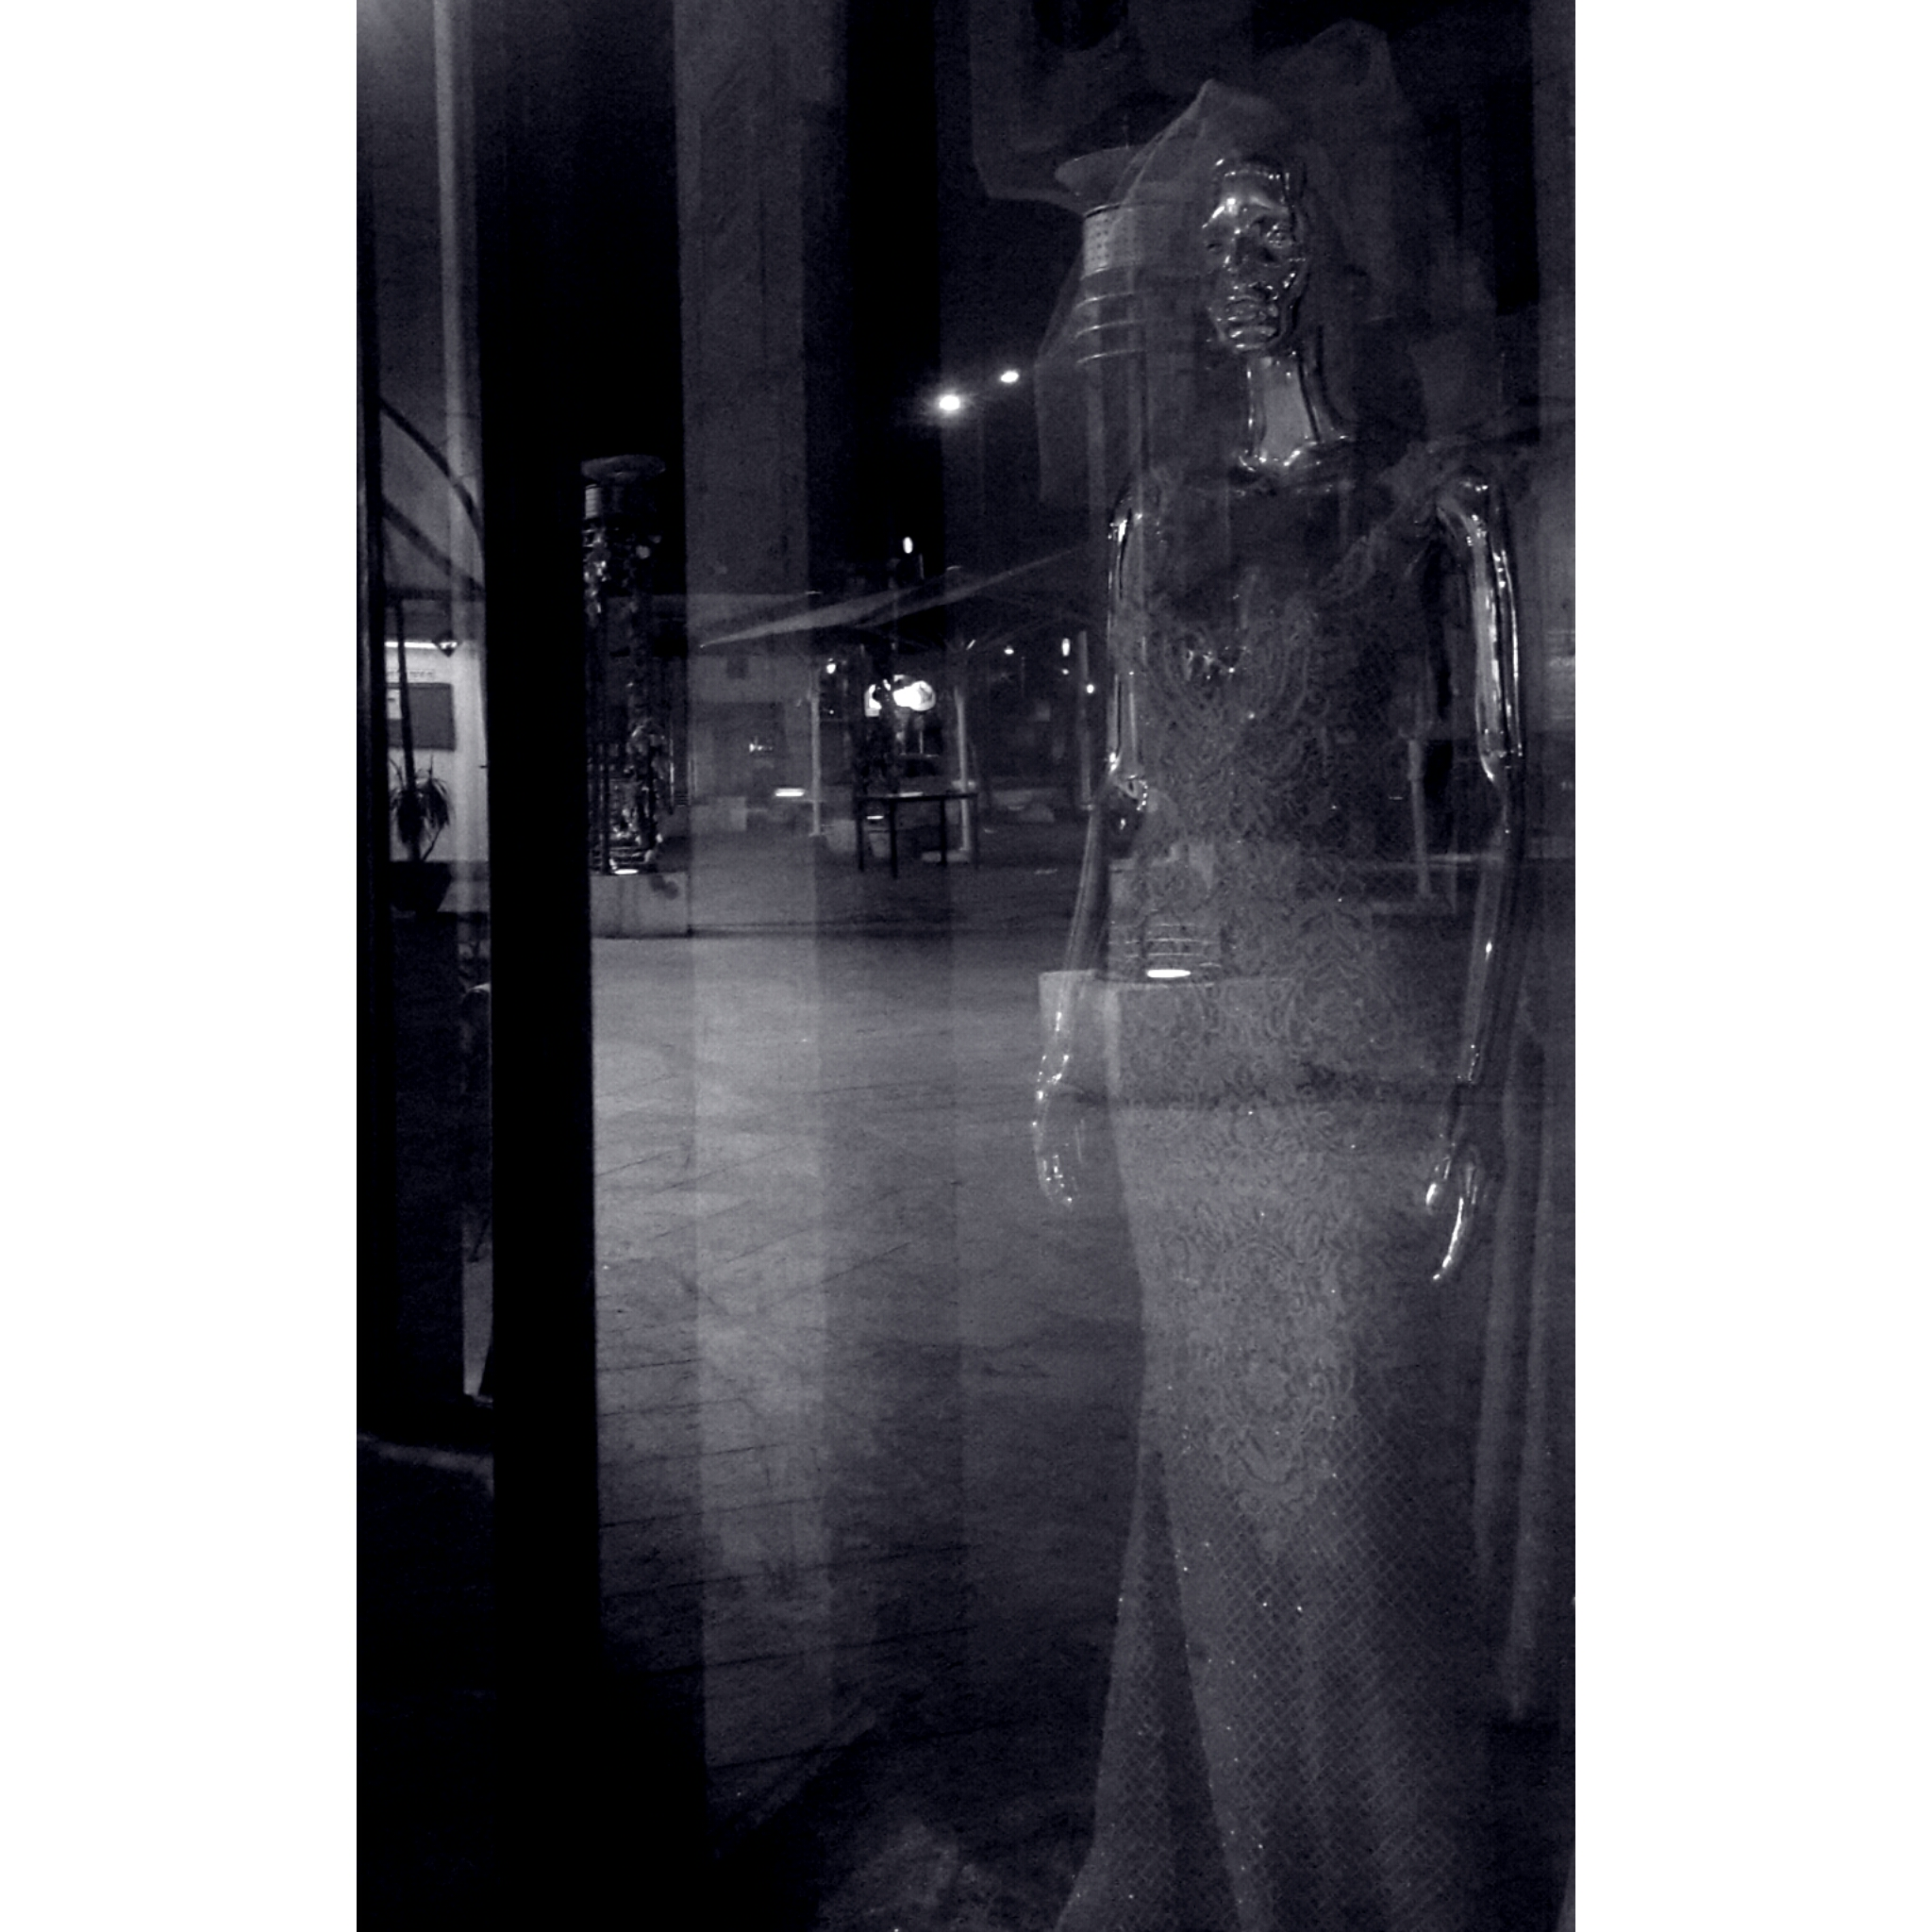 Женщина за стеклом - relevant